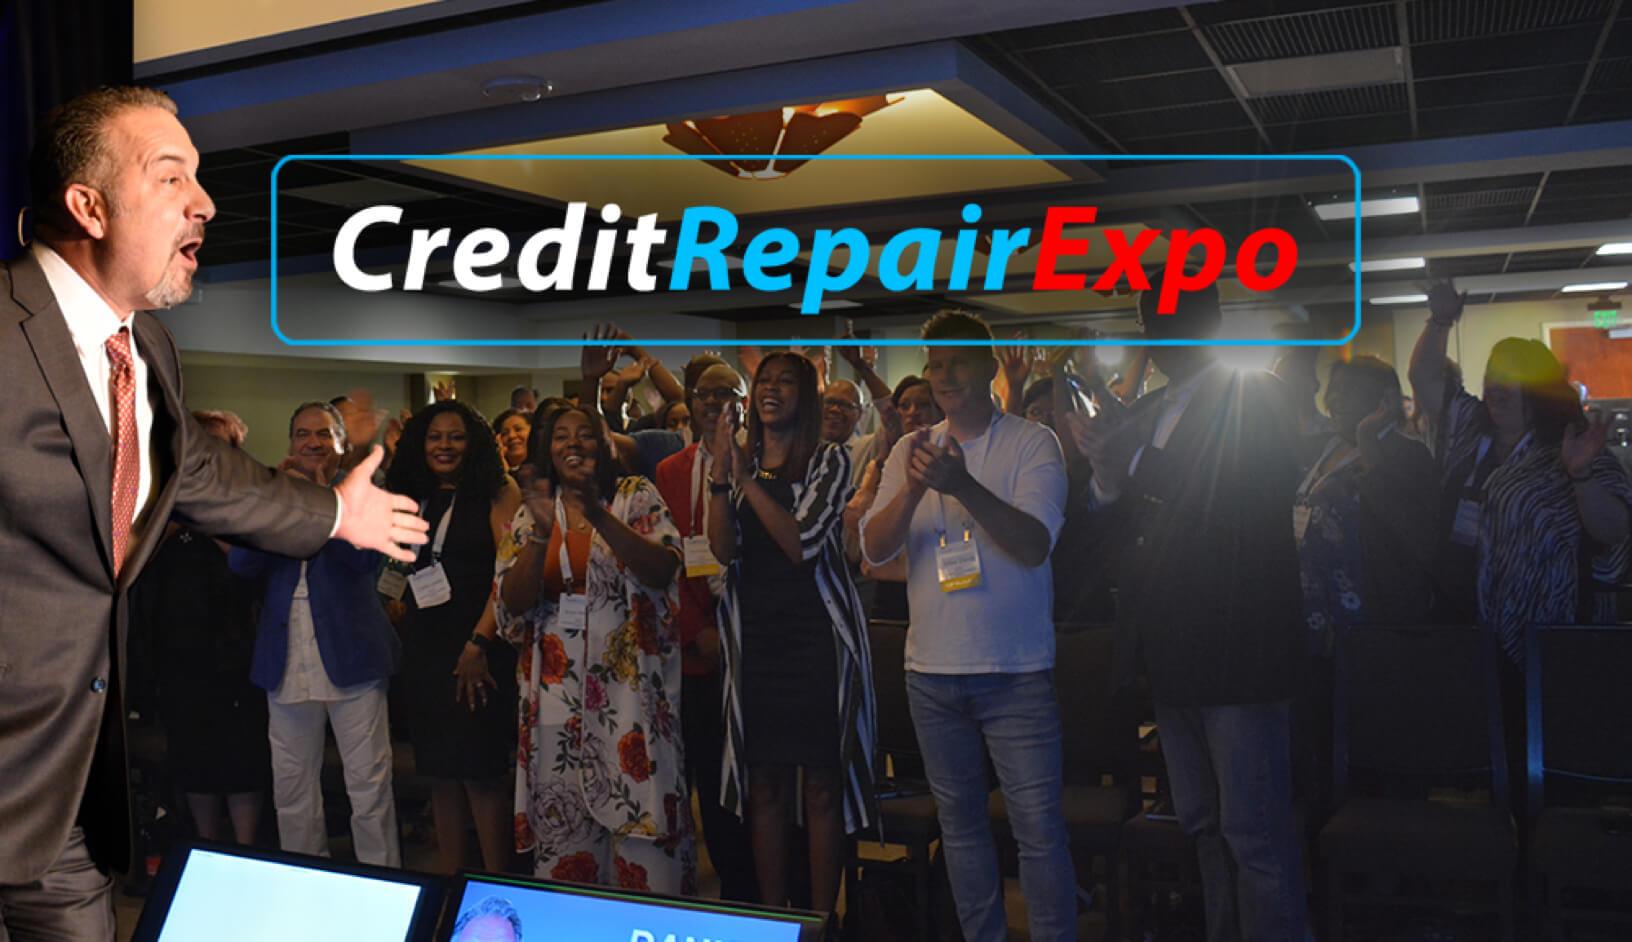 Credit Repair Expo